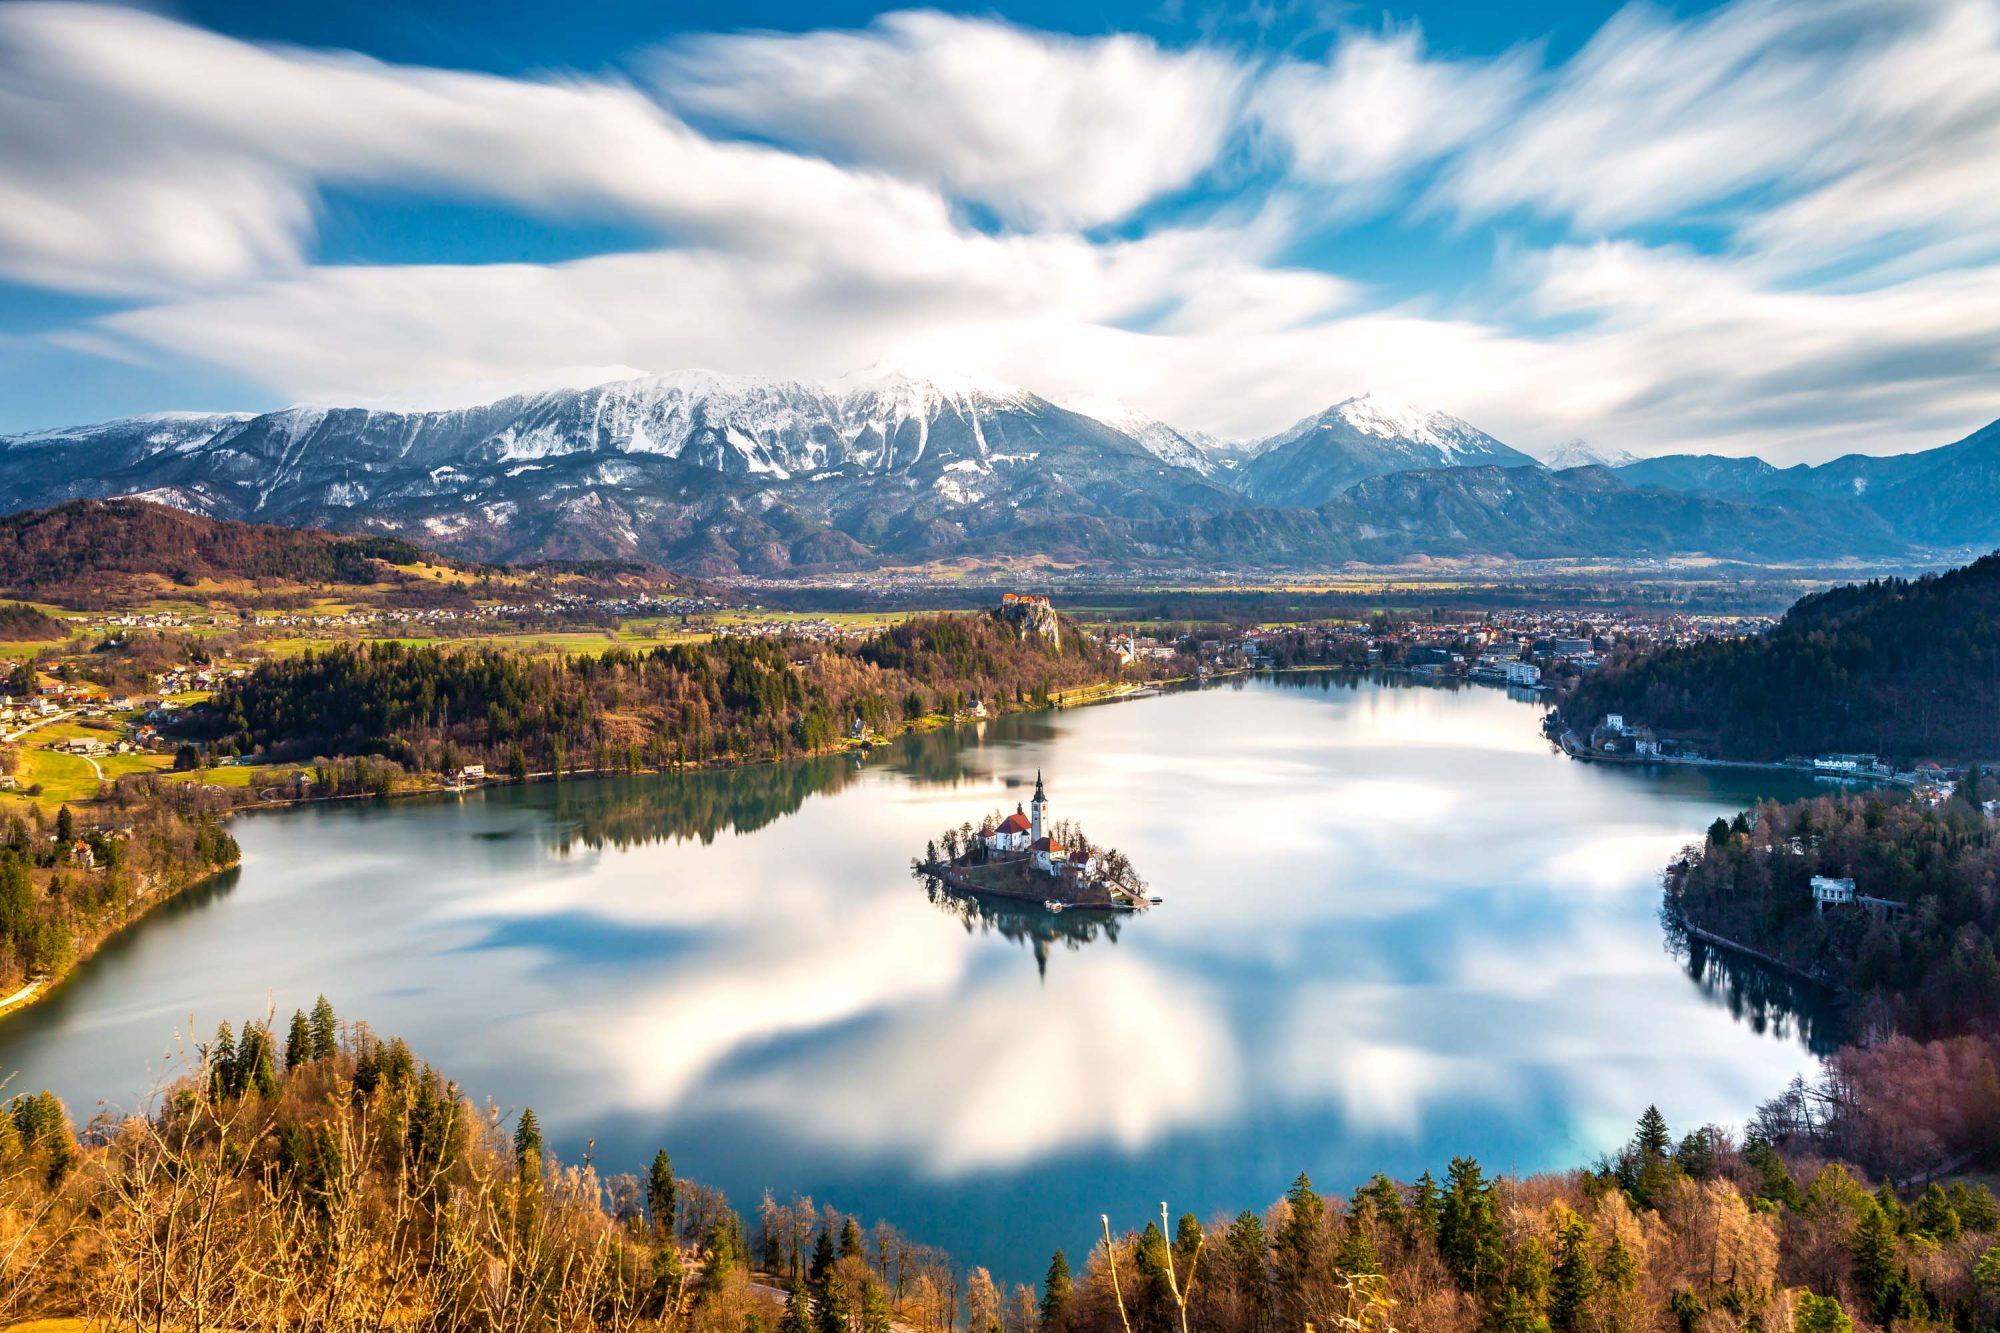 Le lac de Bled et sa célèbre île depuis les hauteurs de la foret environnante. (Bled, Slovénie)